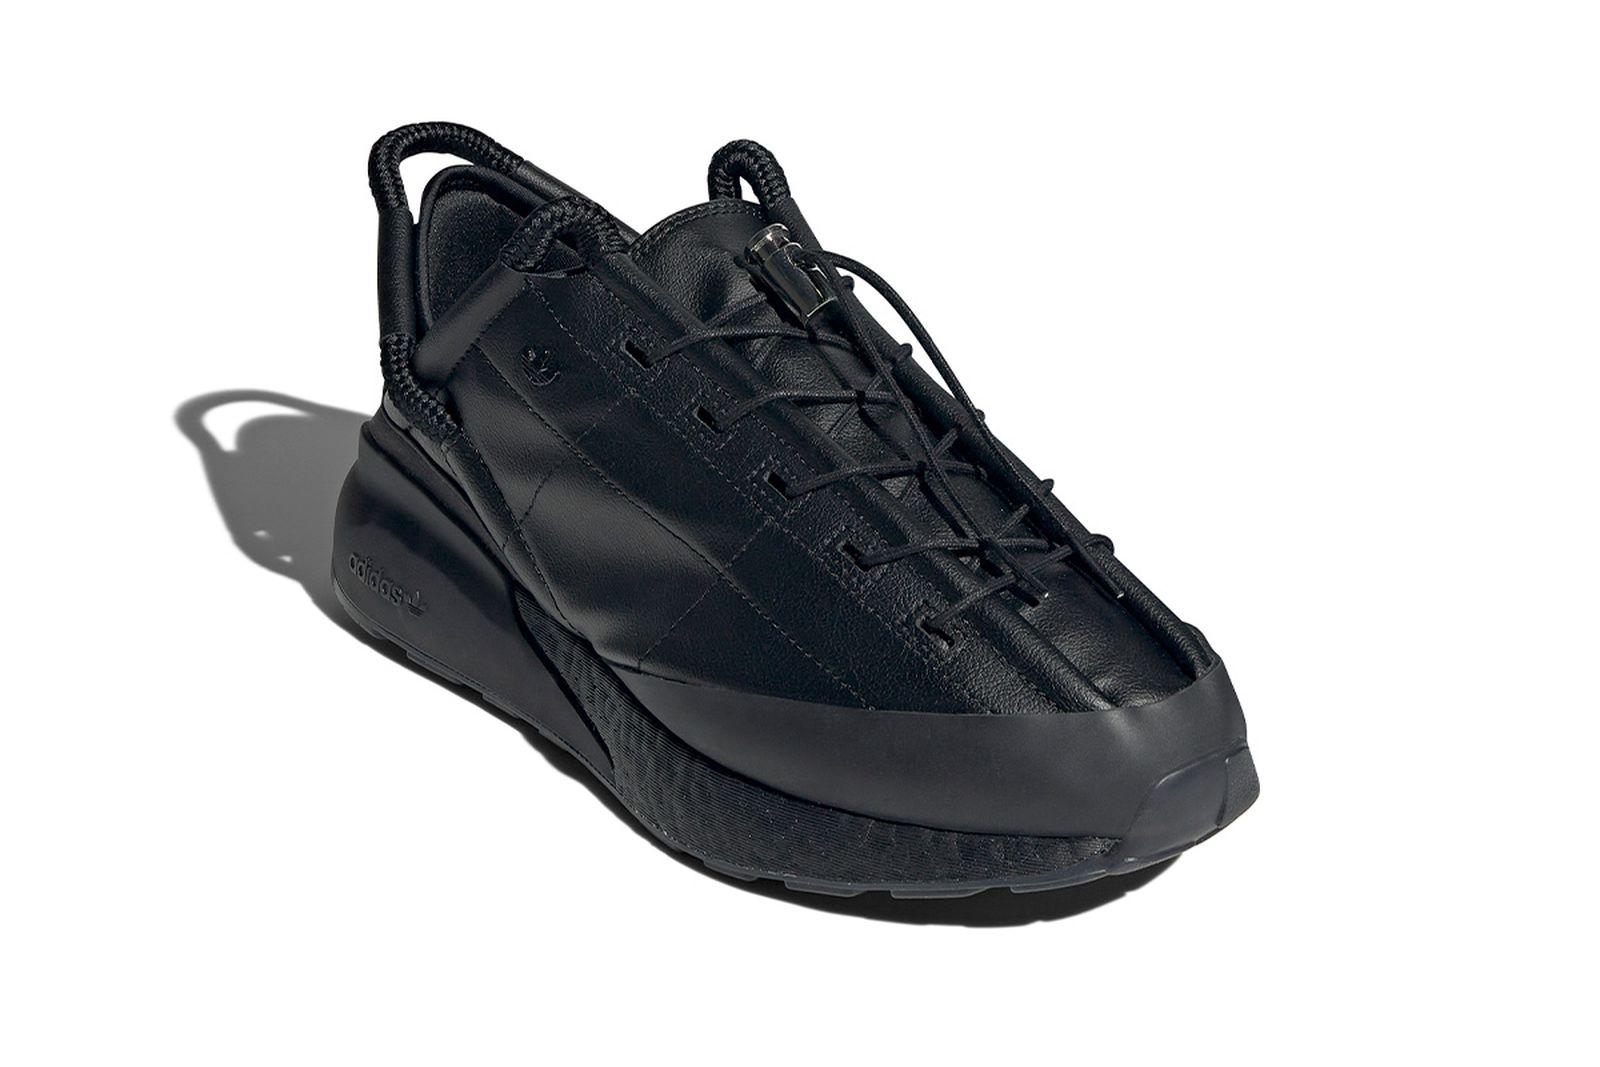 craig-green-adidas-zx-2k-phormar-release-date-price-03